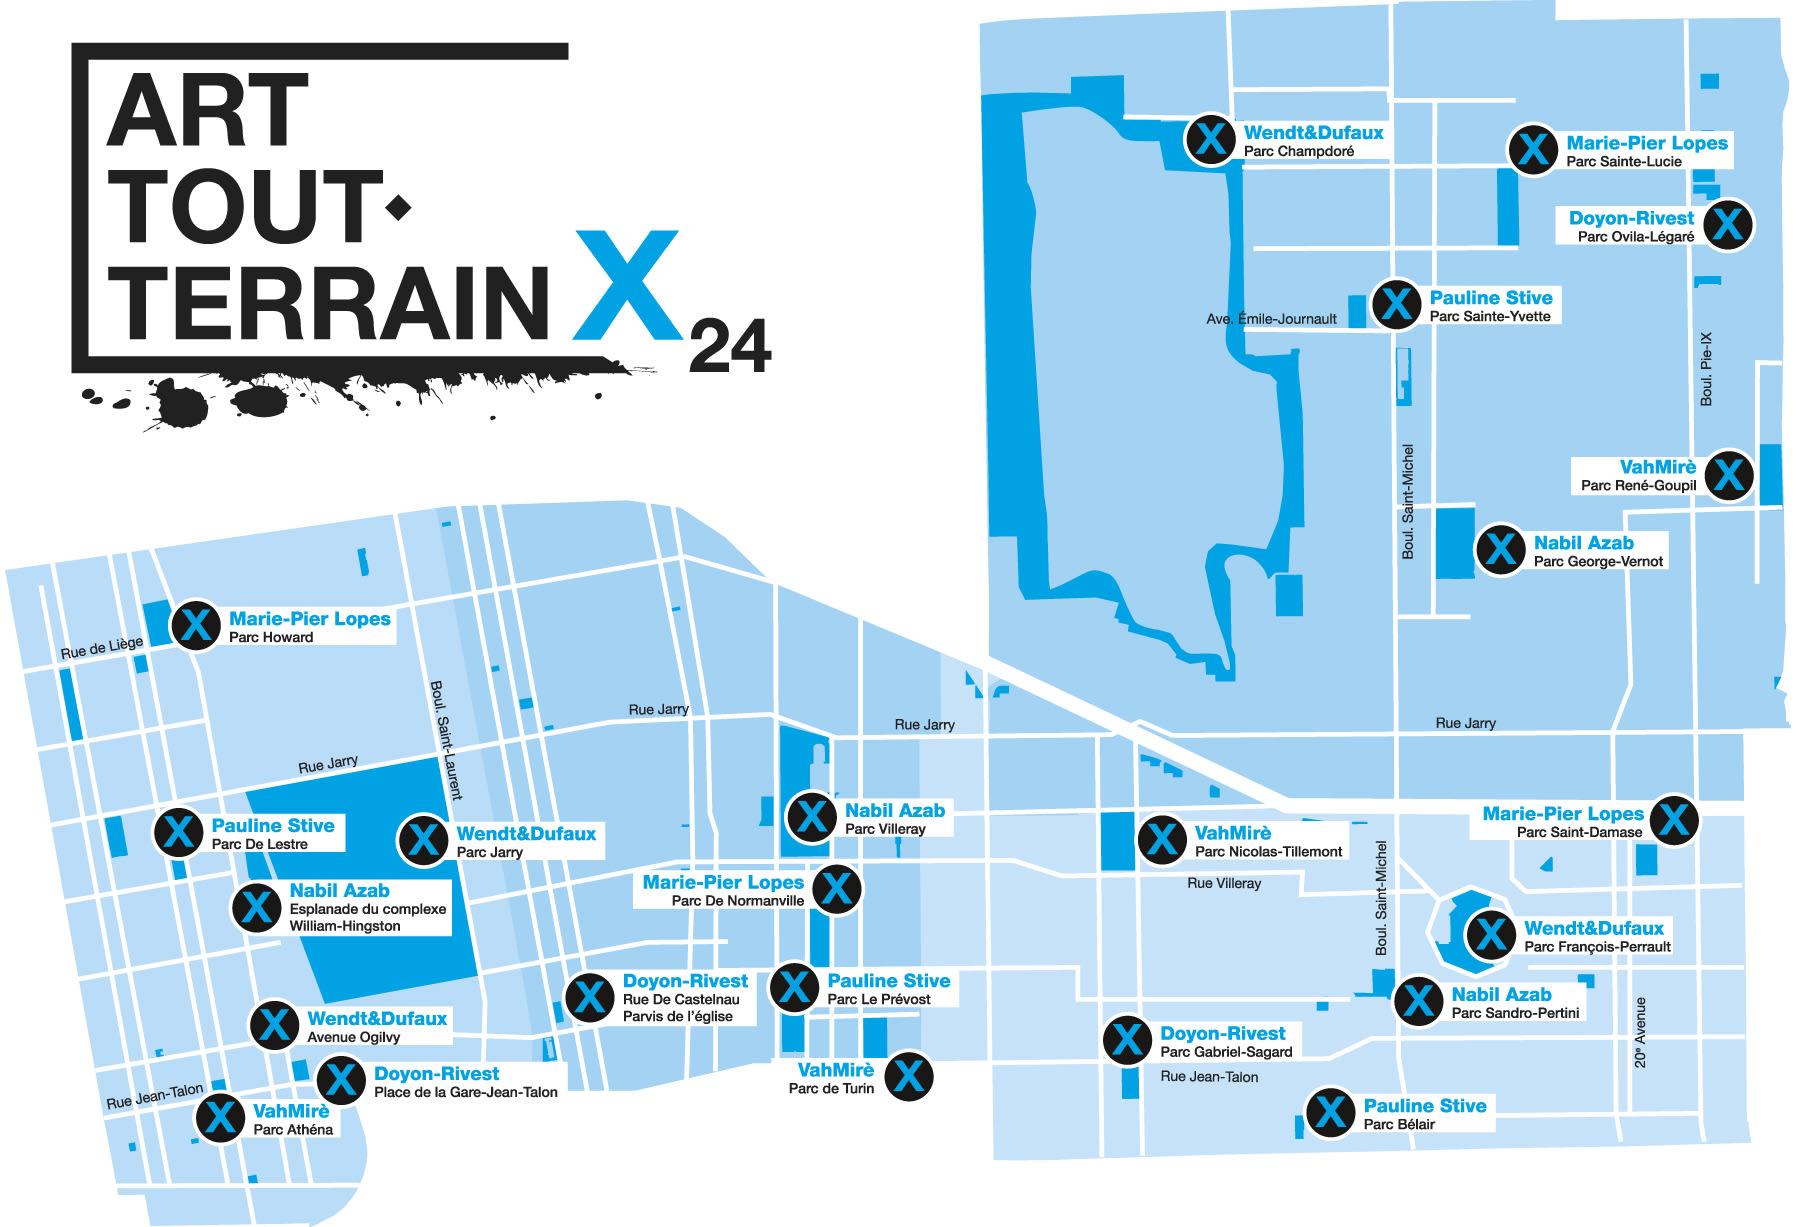 Carte de l'emplacement des œuvres d'Art tout-terrain x 24